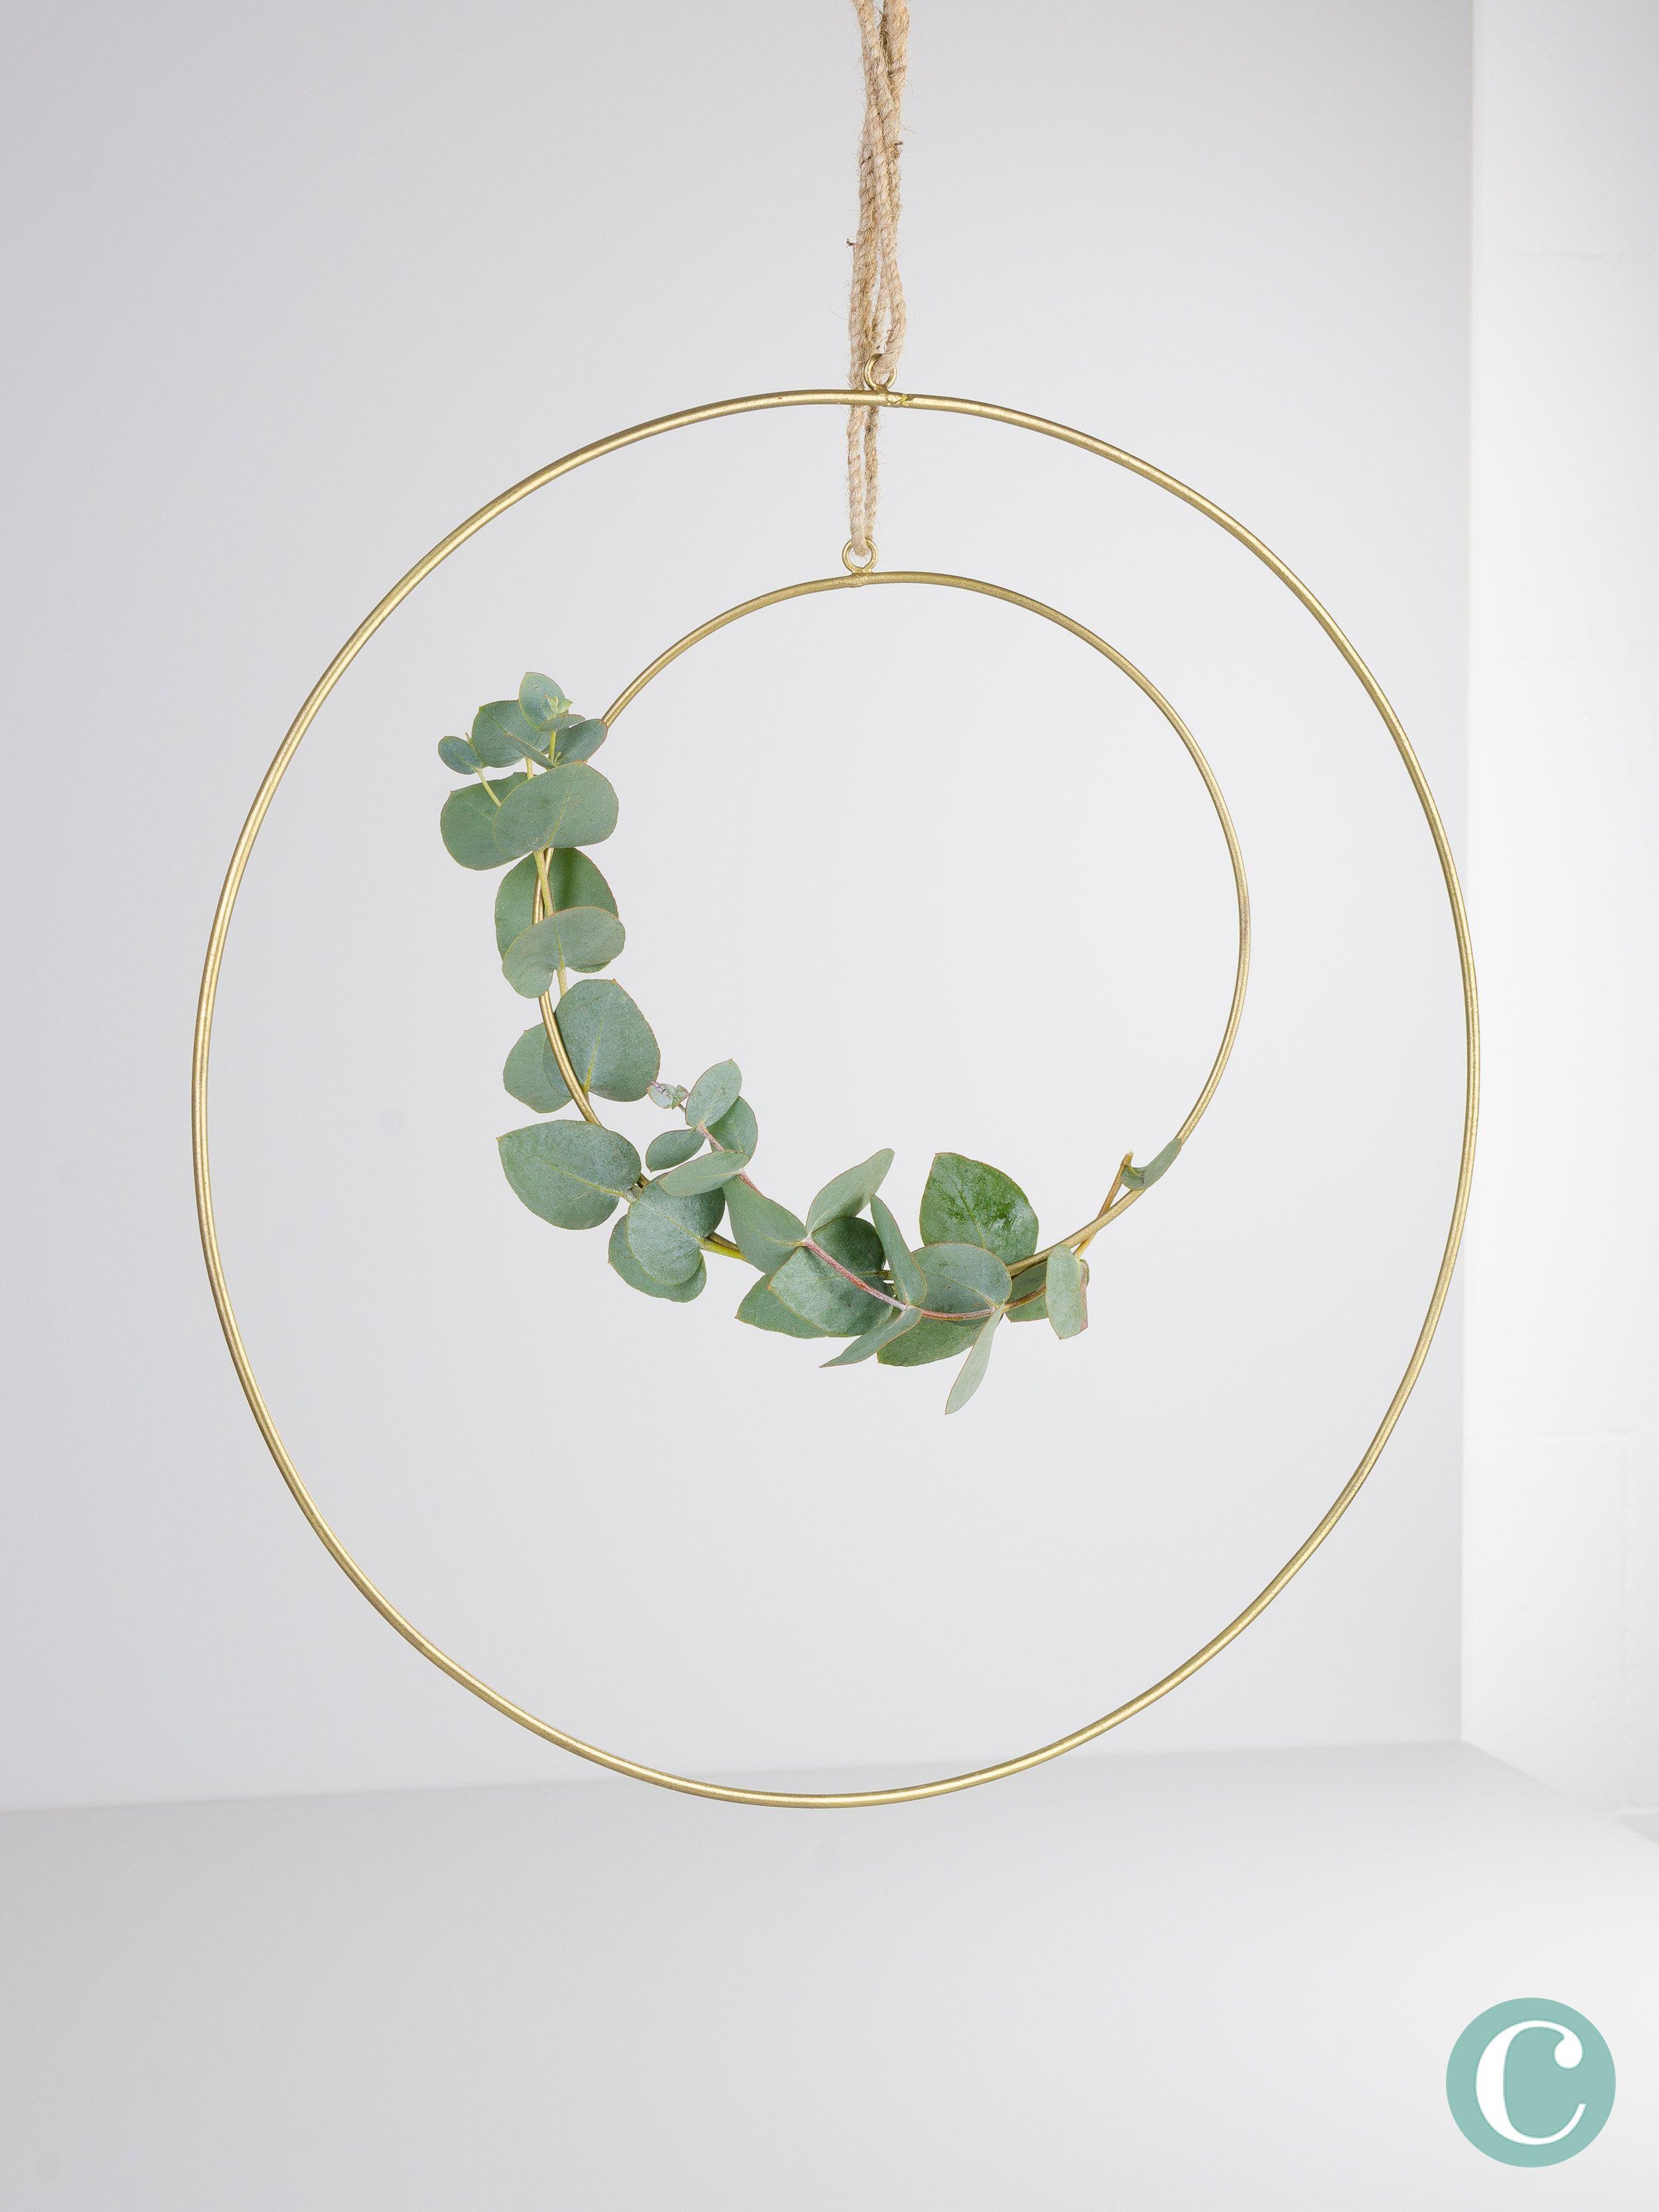 Goldener Ring Mit Eukalyptus Ein Dekoring Fur Viele Moglichkeiten